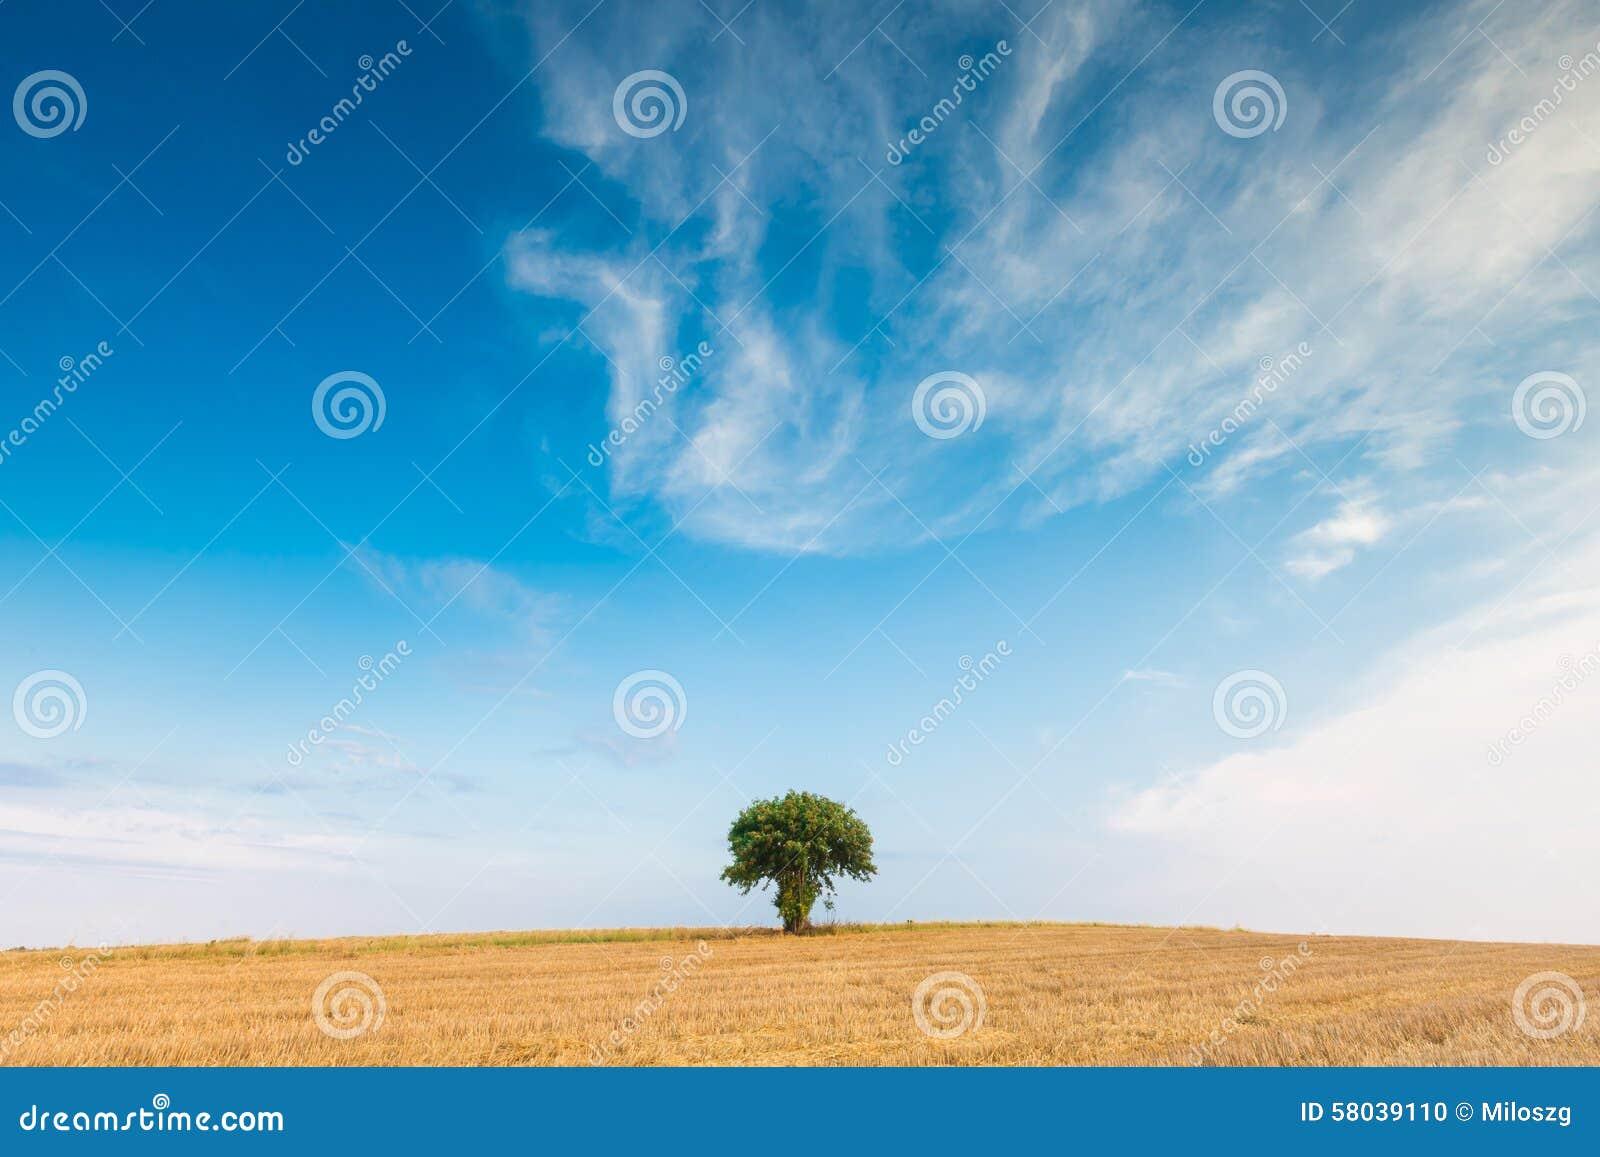 Stoppelfeld mit einzelnem Baum